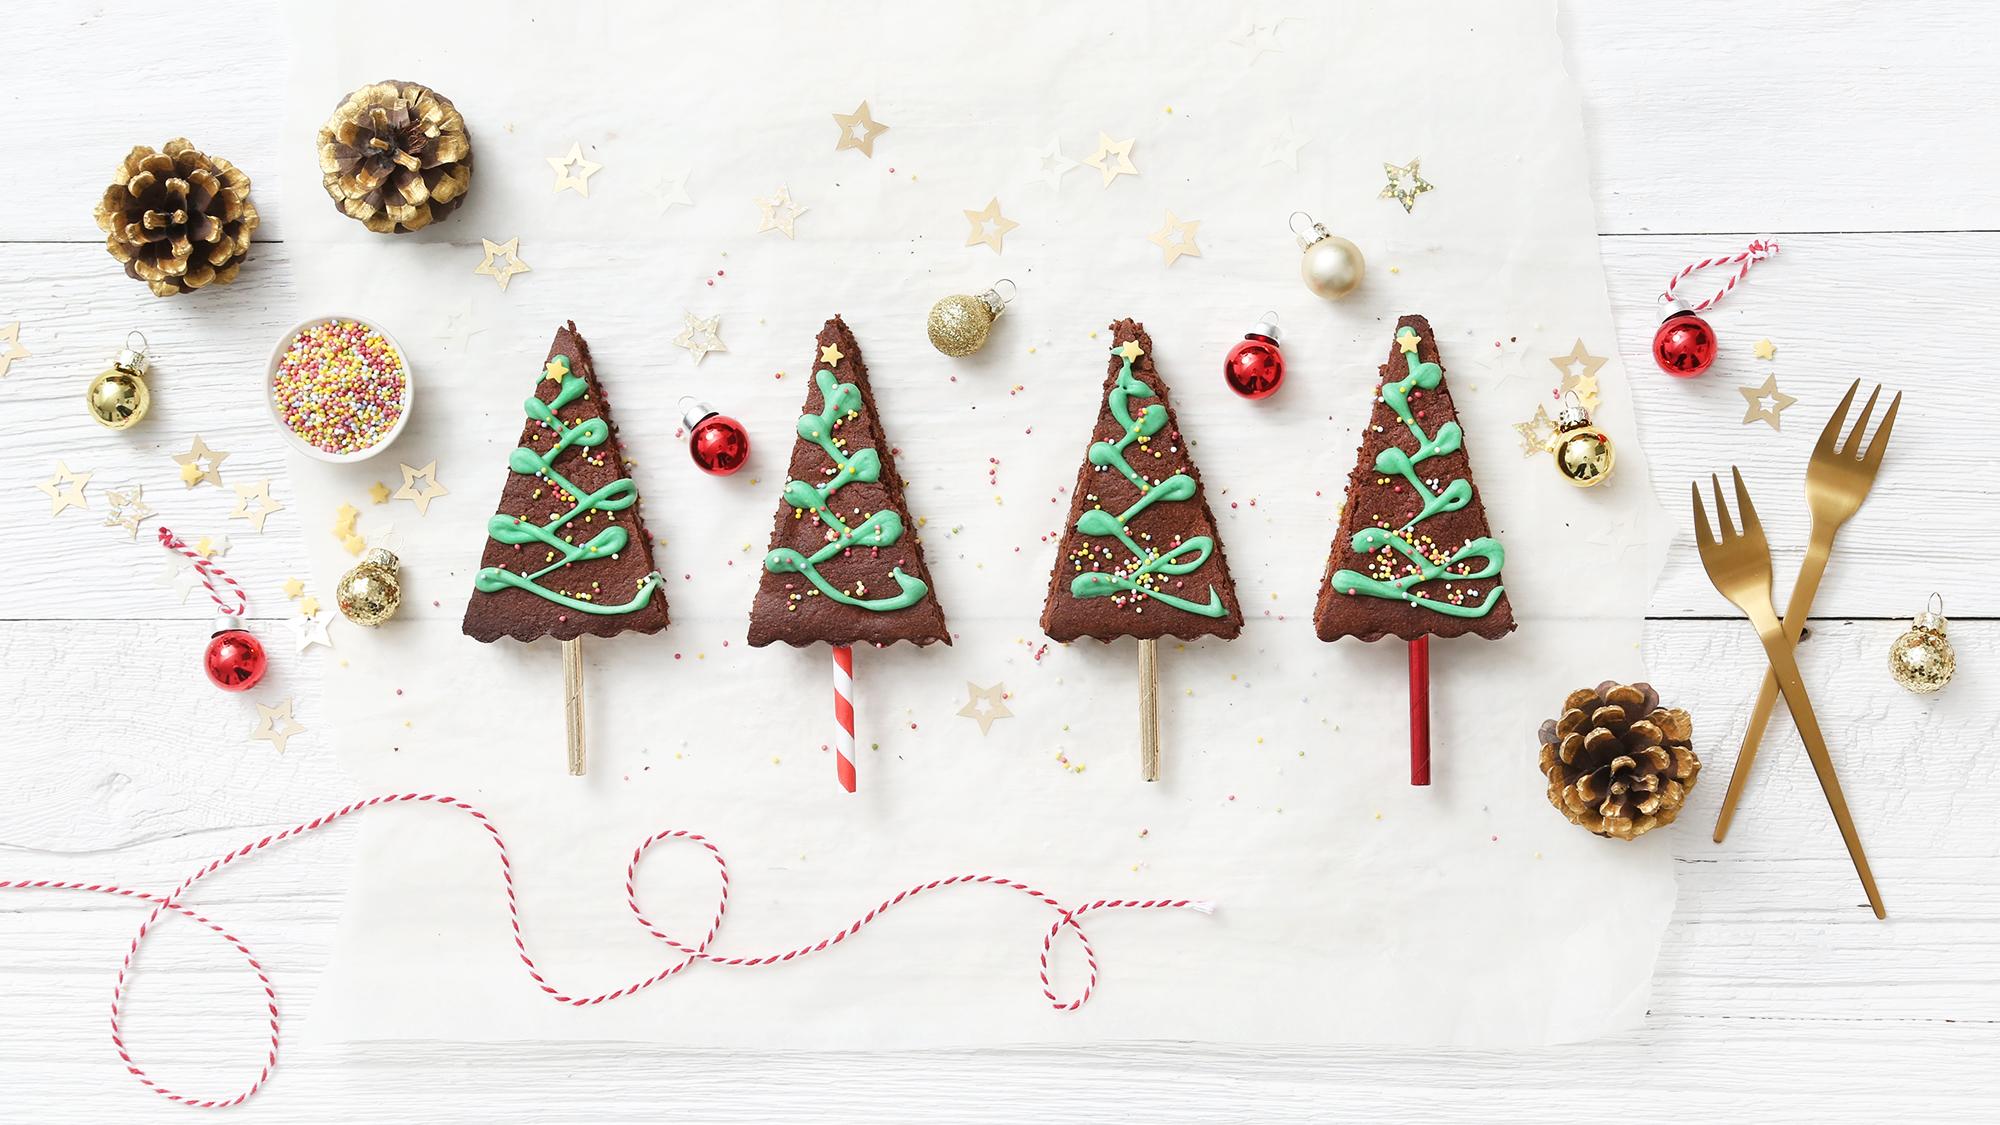 En panne d 39 id es succombez ces 15 desserts de no l - Buche de noel facile et originale ...